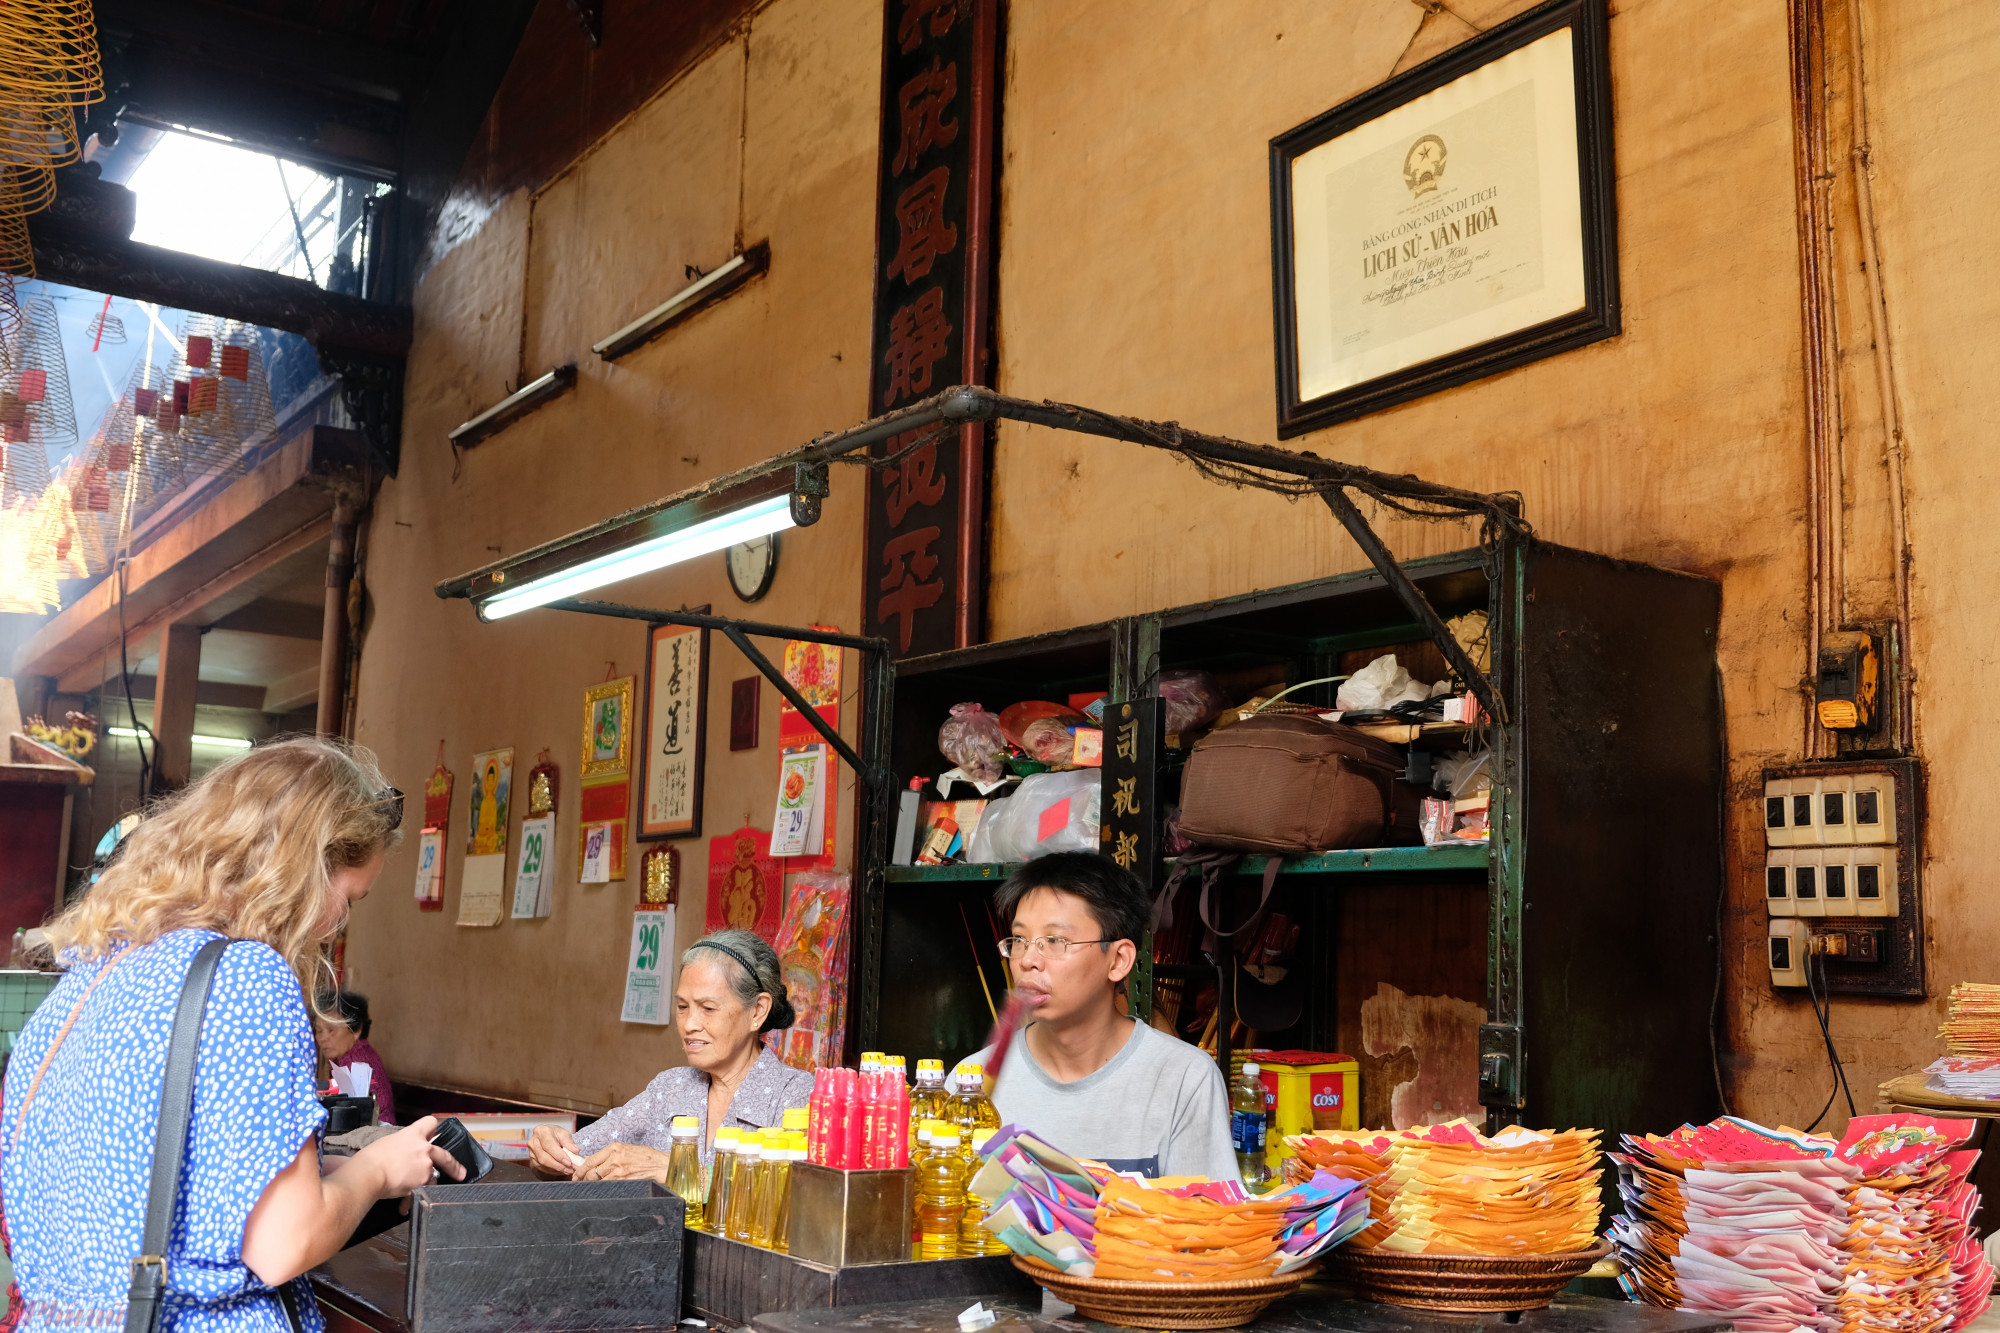 Hội quán Quảng Triệu được Bộ Văn hóa Thông tin (nay là Bộ Văn hóa, Thể thao và Du lịch) công nhận Di tích kiến trúc nghệ thuật quốc gia từ ngày 25/4/1998.